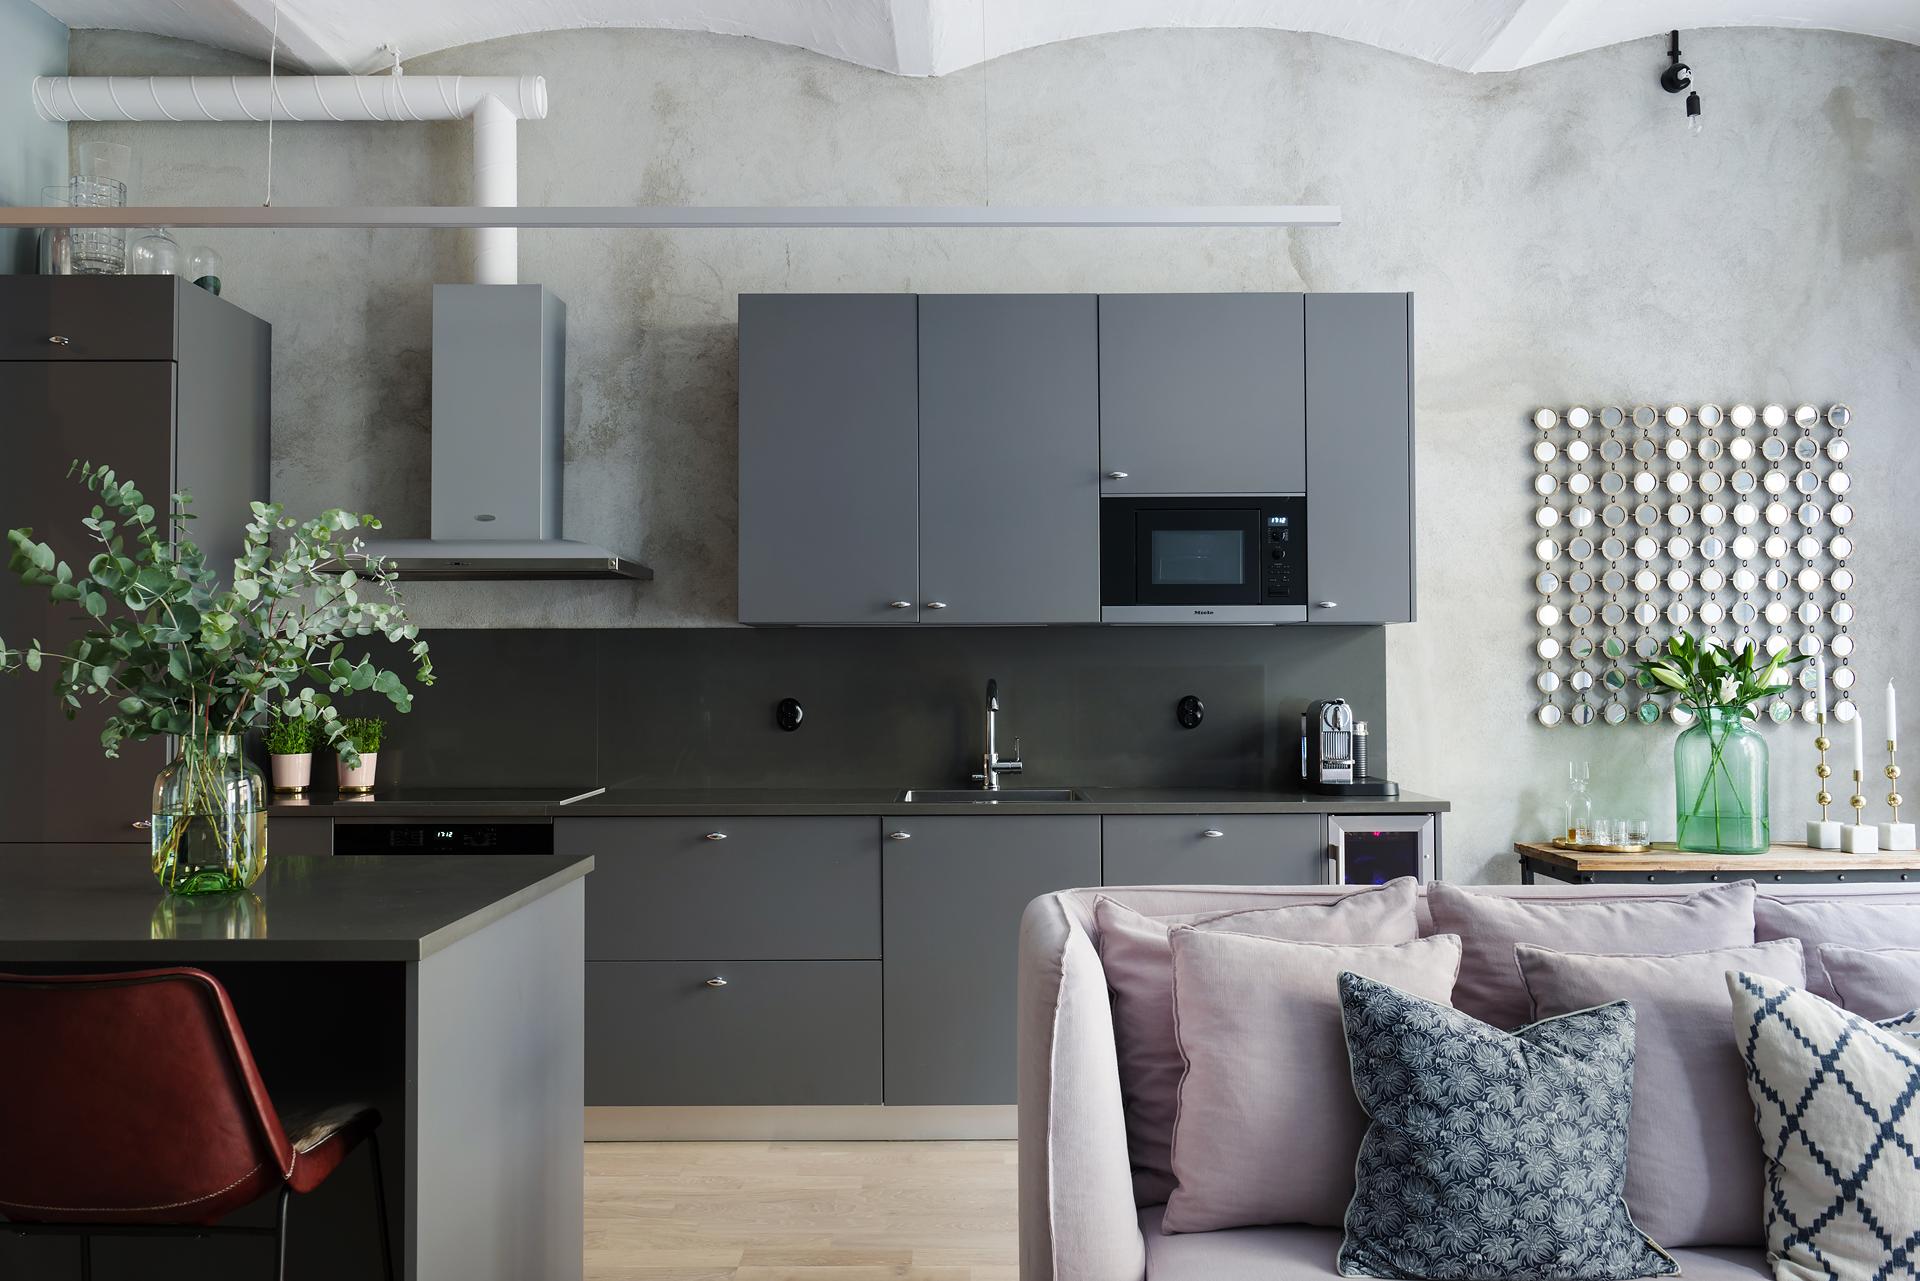 кухня серые гладкие фасады столешница труба вытяжка серые стены